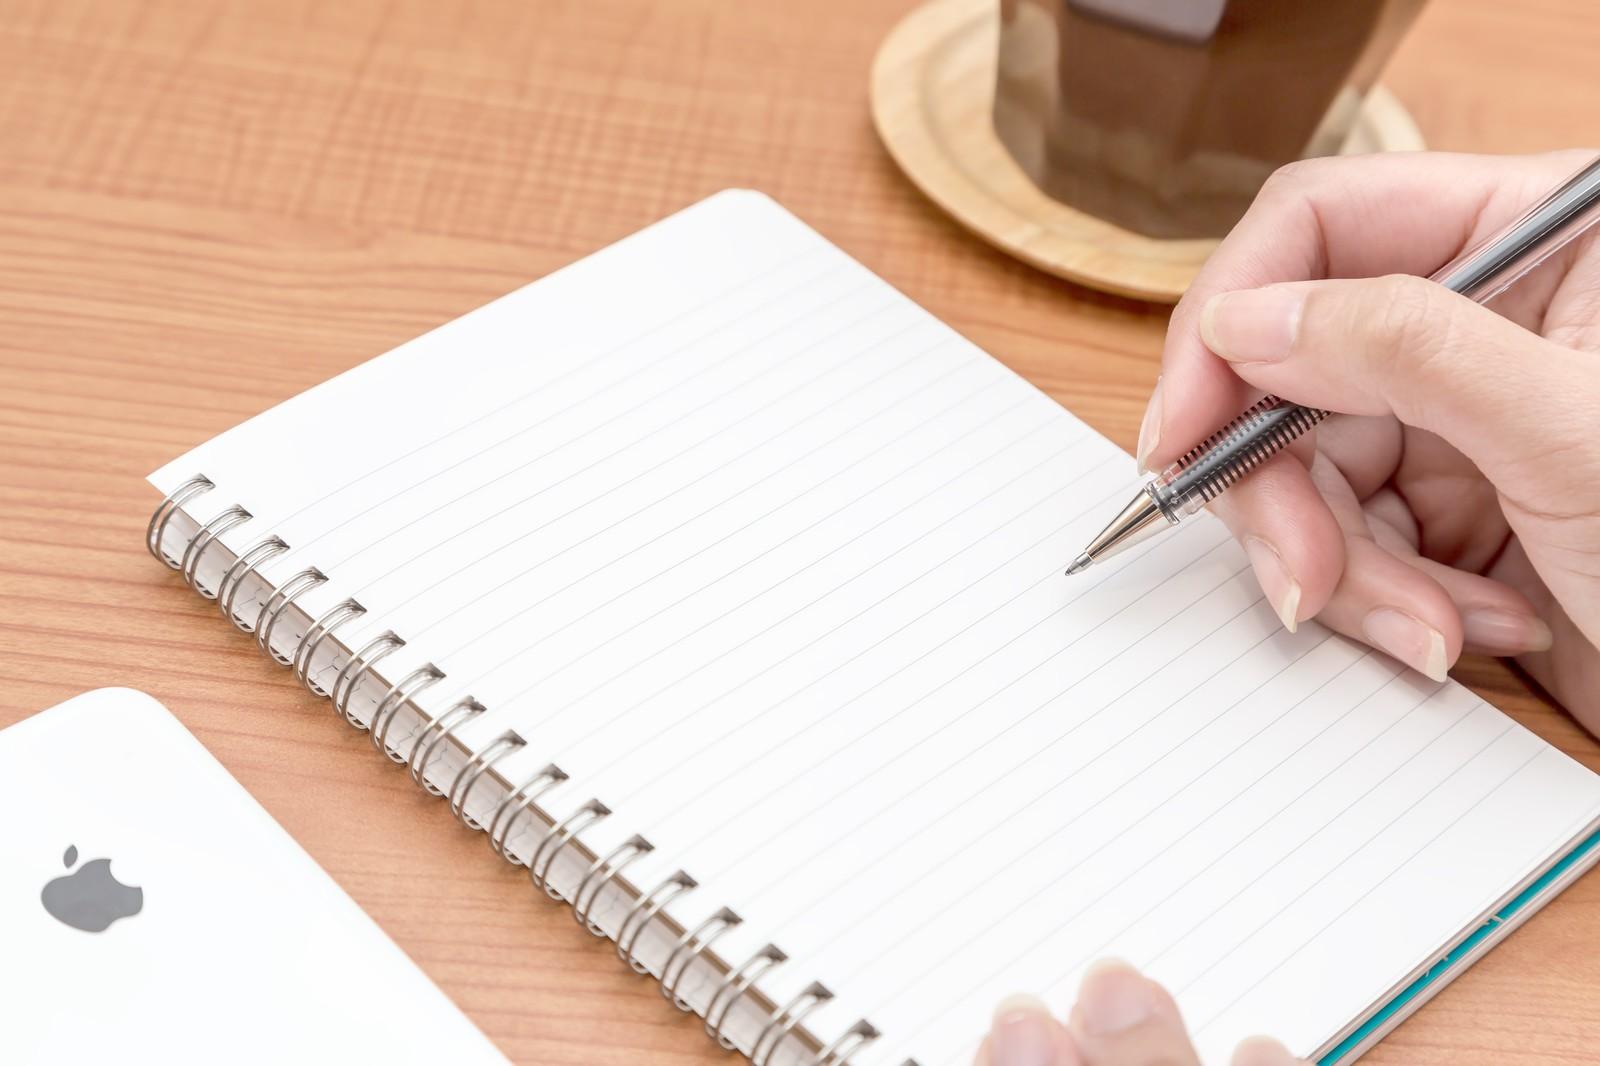 離婚準備簡易チェックリスト